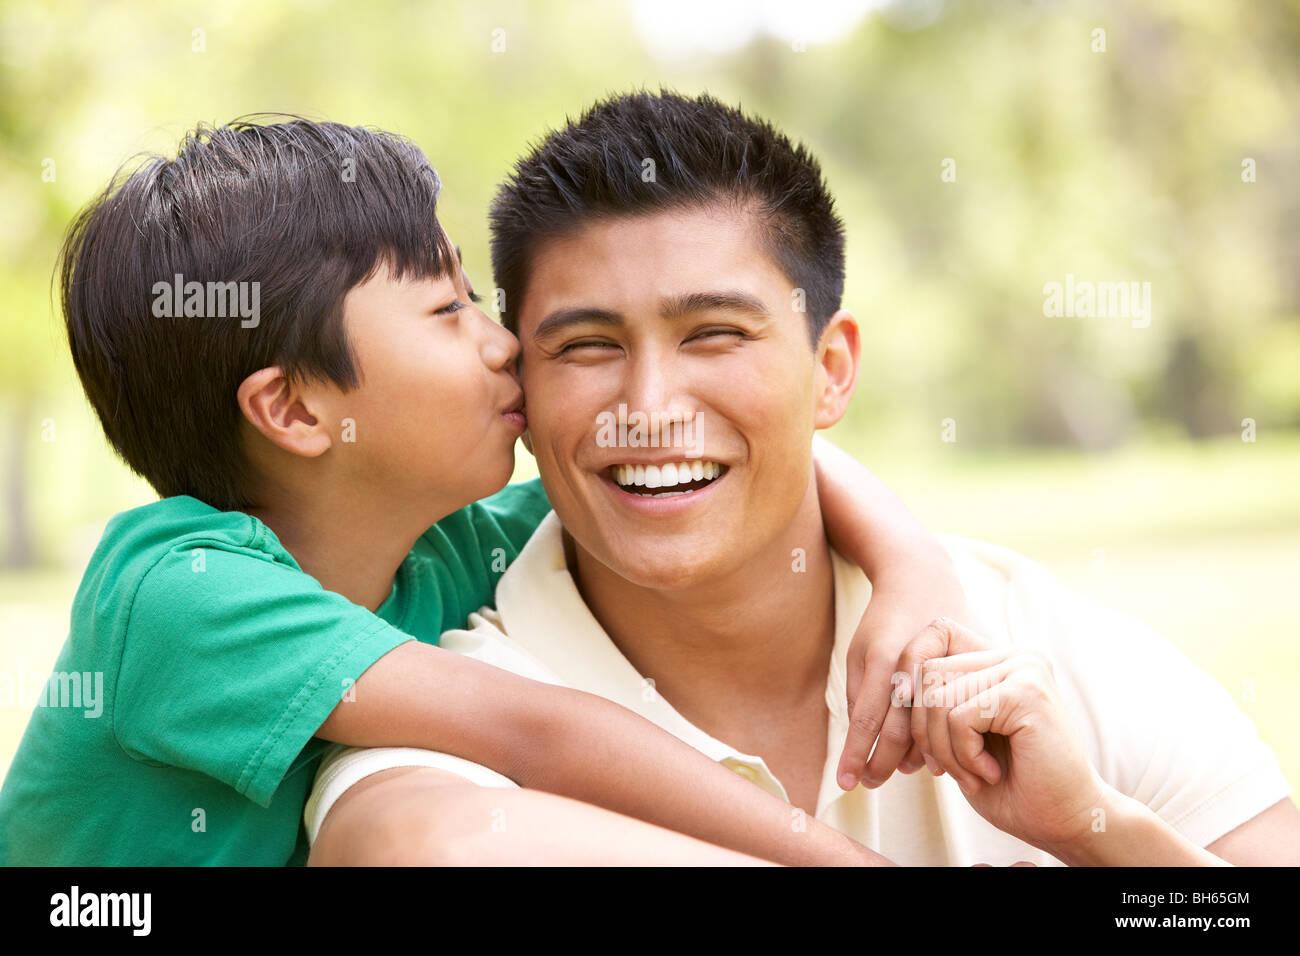 Сын сосает отца, Отец делает минет своему сыну 9 фотография